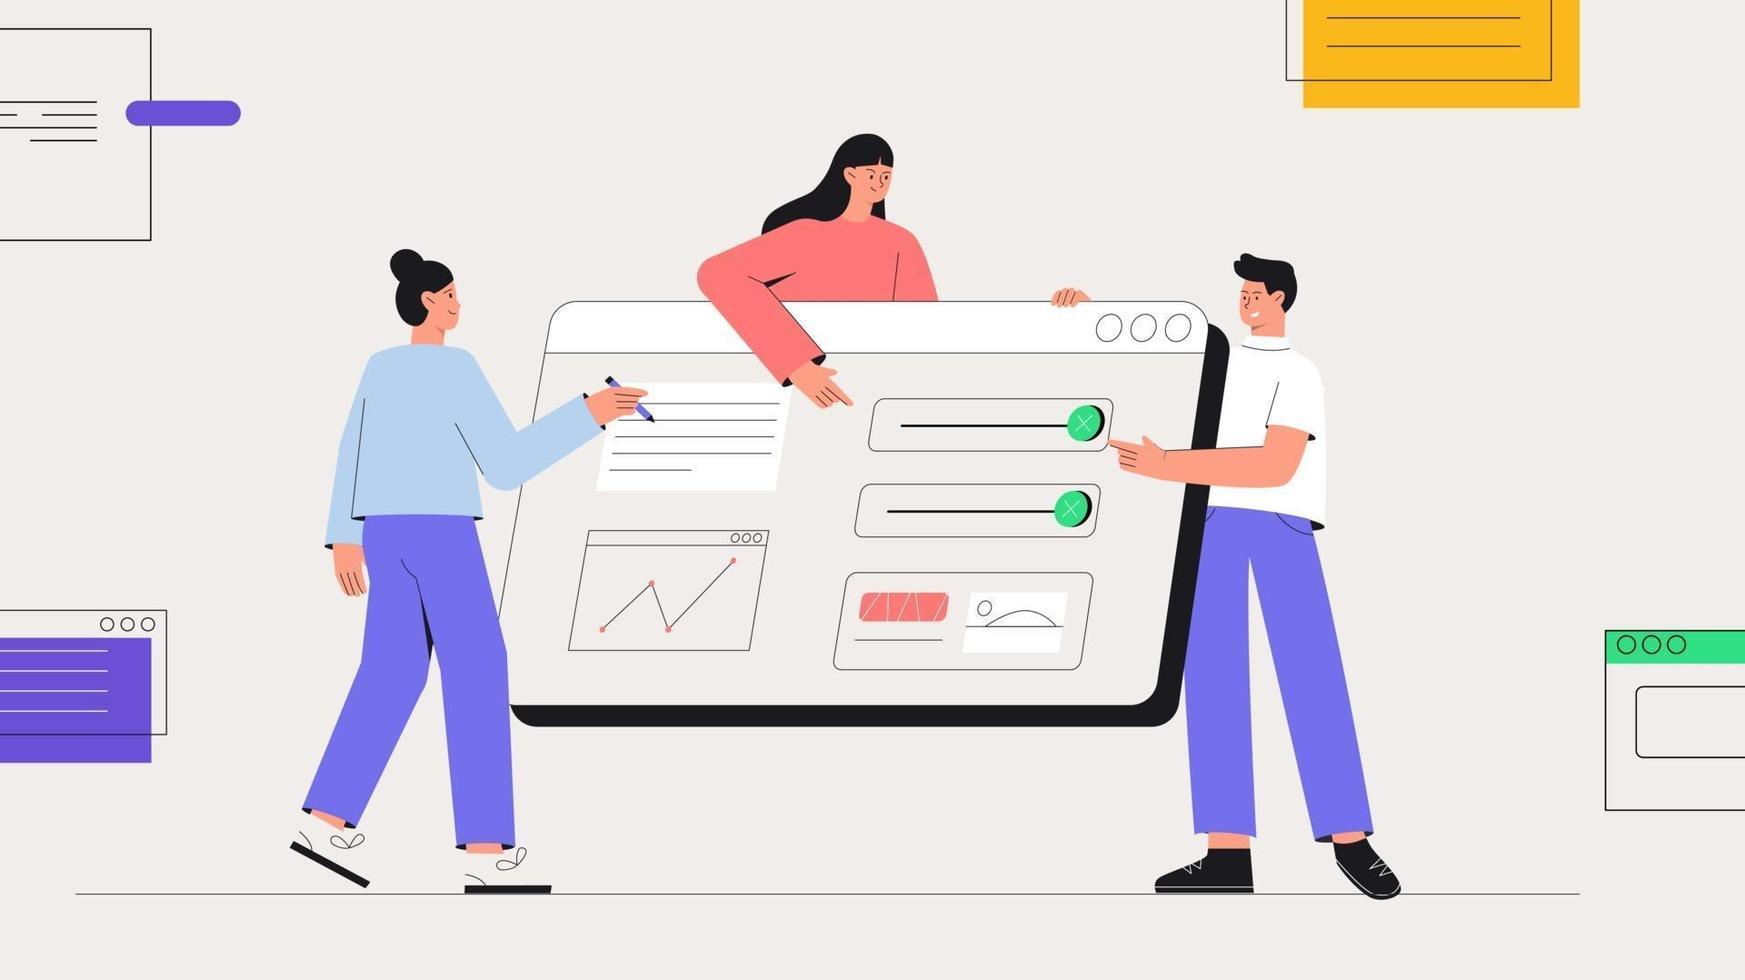 ilustração de pessoas de negócios em vetor estilo simples. empresa de desenvolvimento de software, codificação e programação. organização do fluxo de trabalho, desenvolvimento de software de computador.